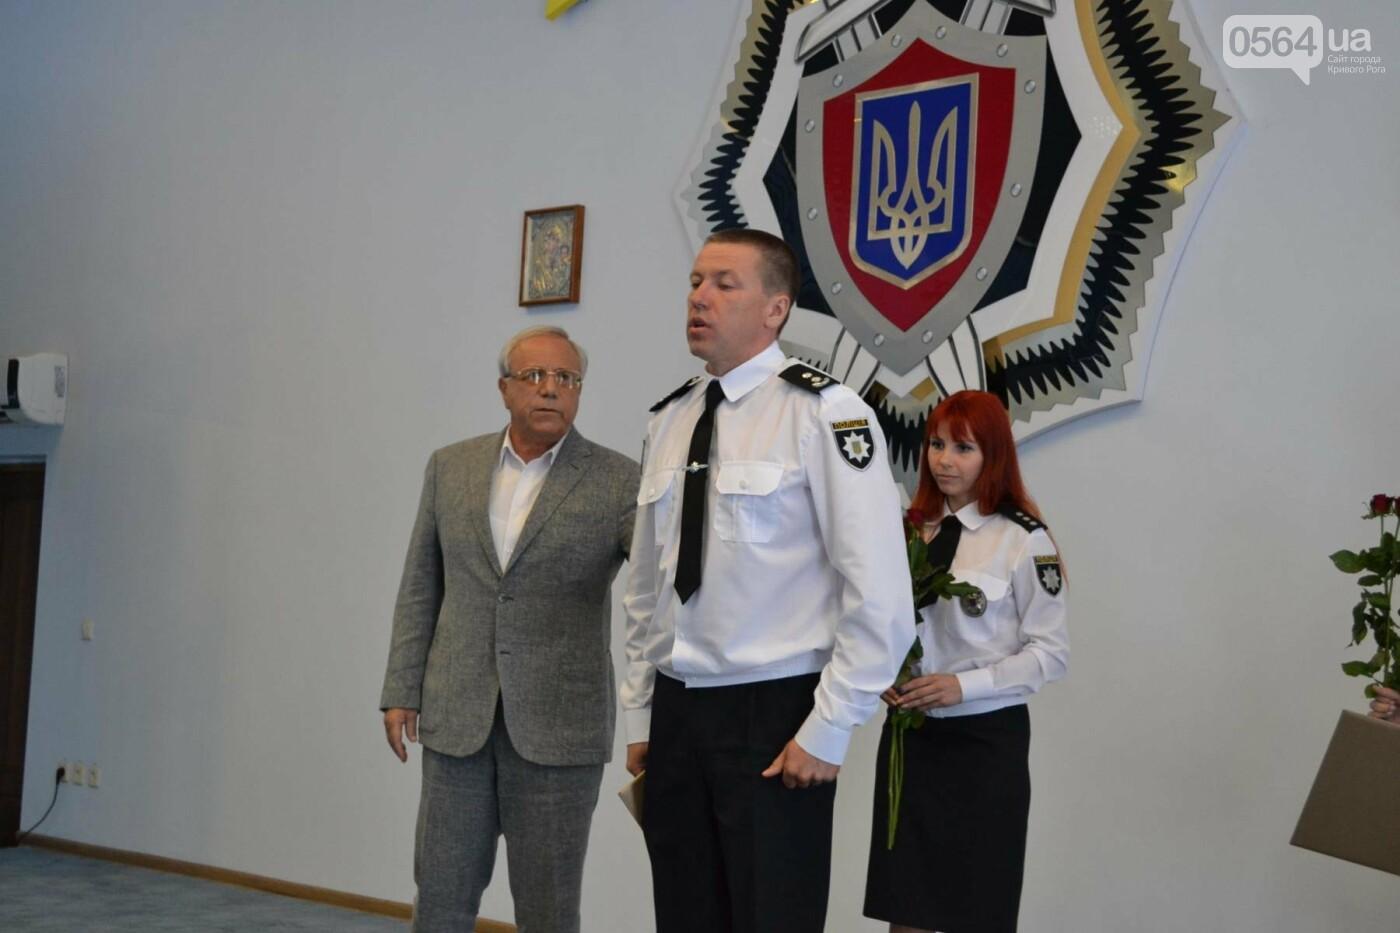 Криворожских полицейских поздравили с профессиональным праздником, - ФОТО, ВИДЕО, фото-10